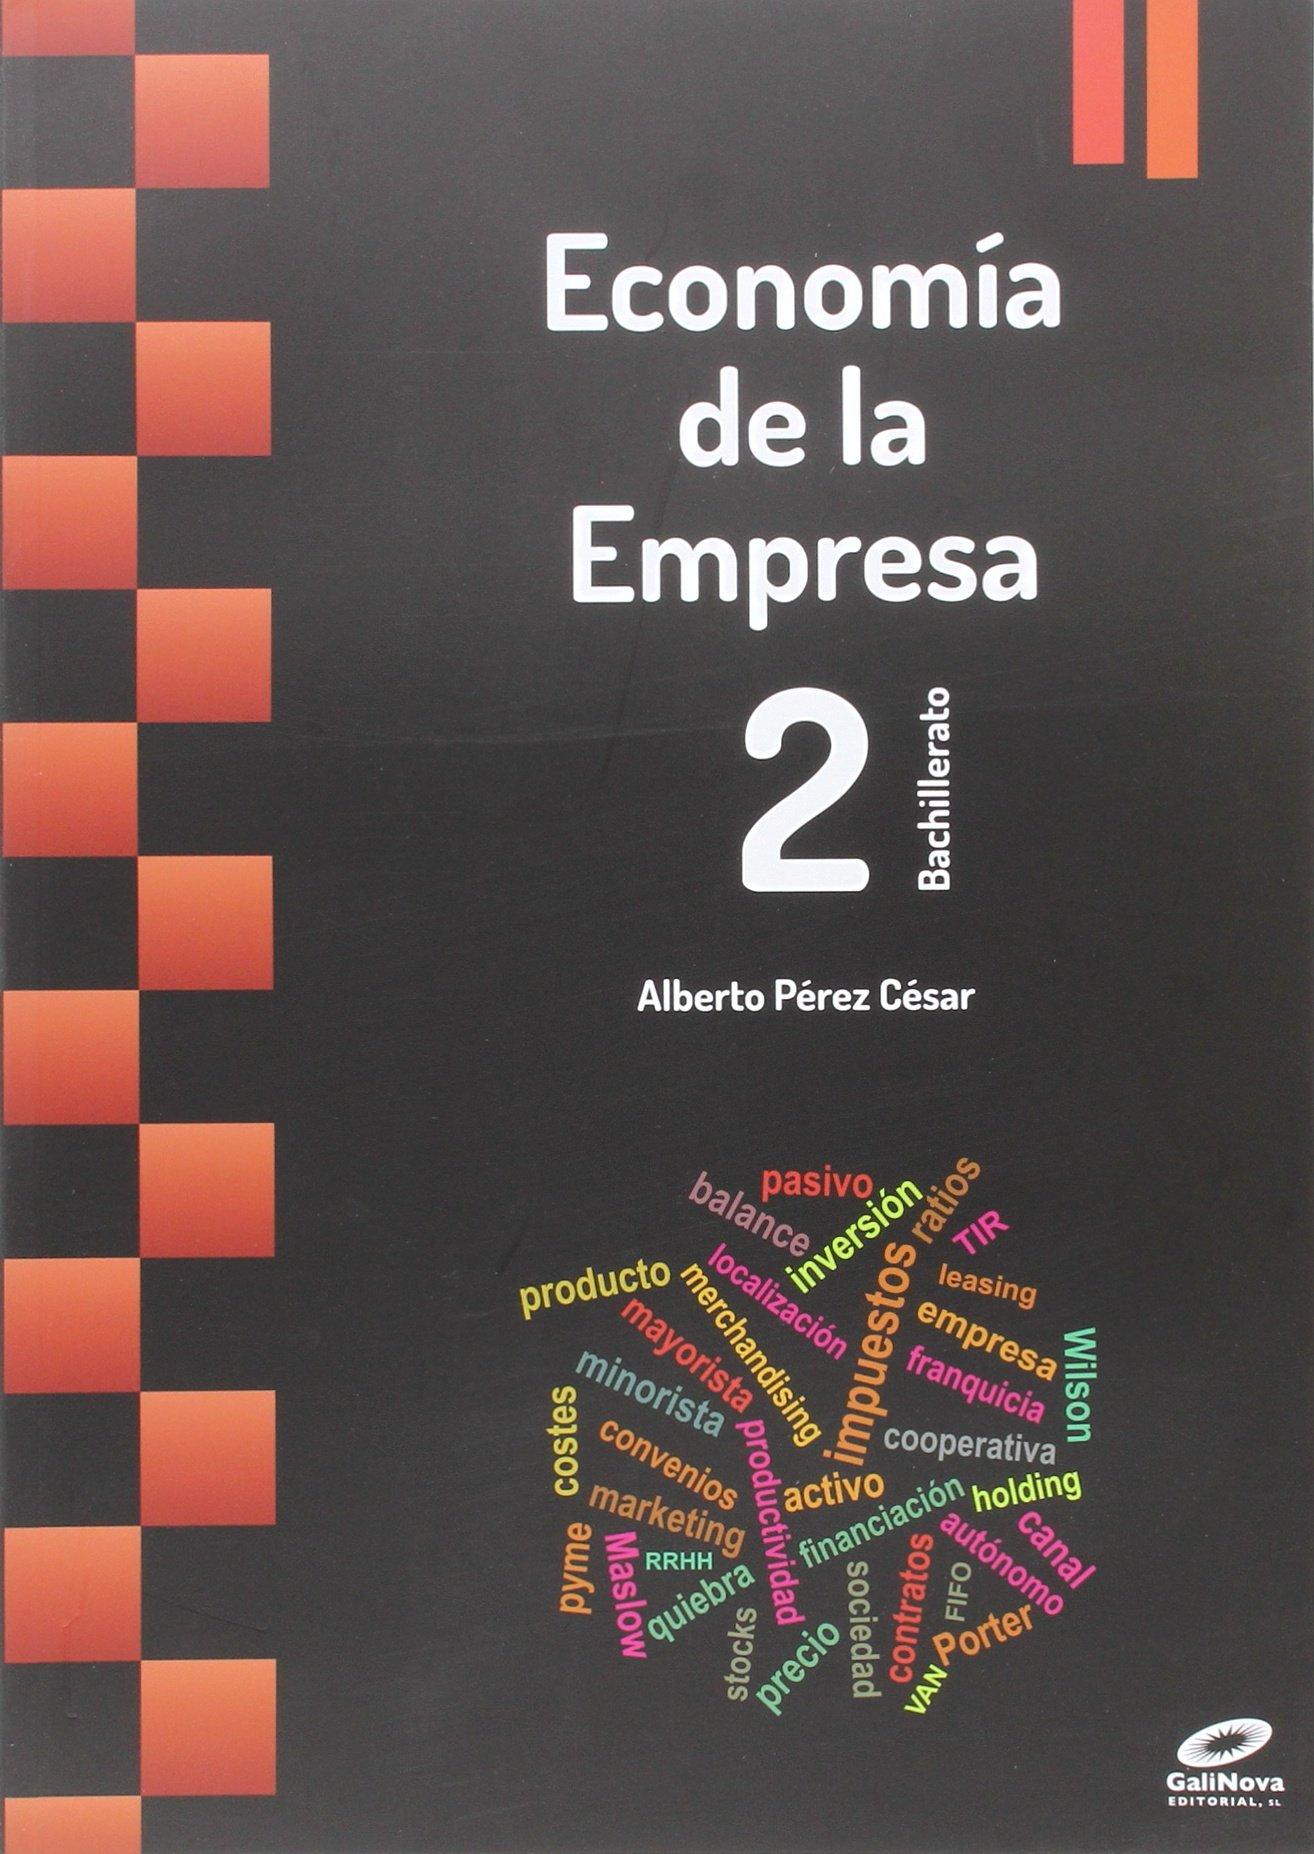 Economía en empresa 2º bachillerato 2015 ebook